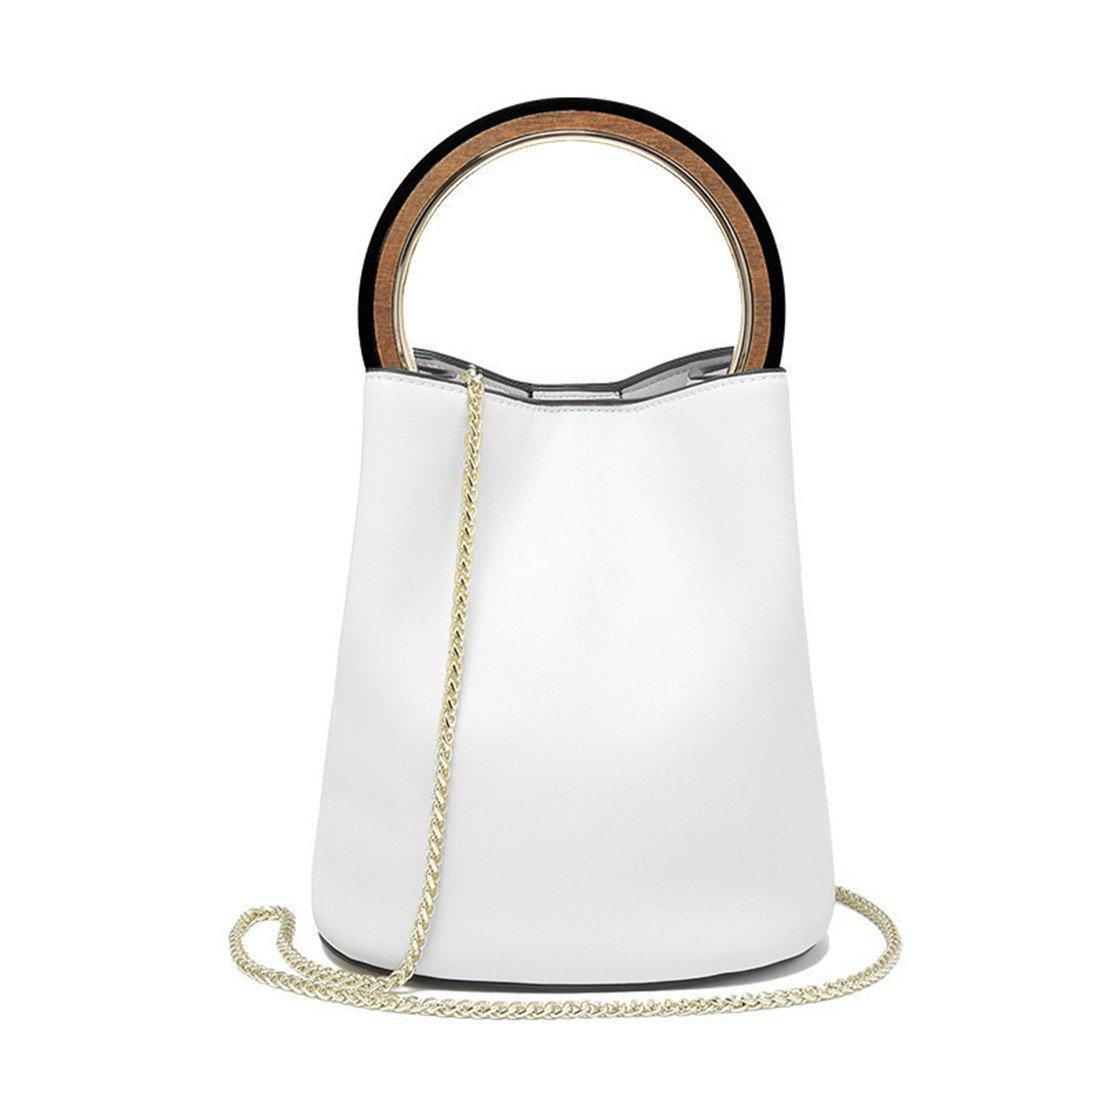 Maod Stylish Cuero Color Puro bolsos de mujer al Hombro Carteras de moda bolso bandolera Redondas bolsa de mujer (blanco): Amazon.es: Zapatos y complementos